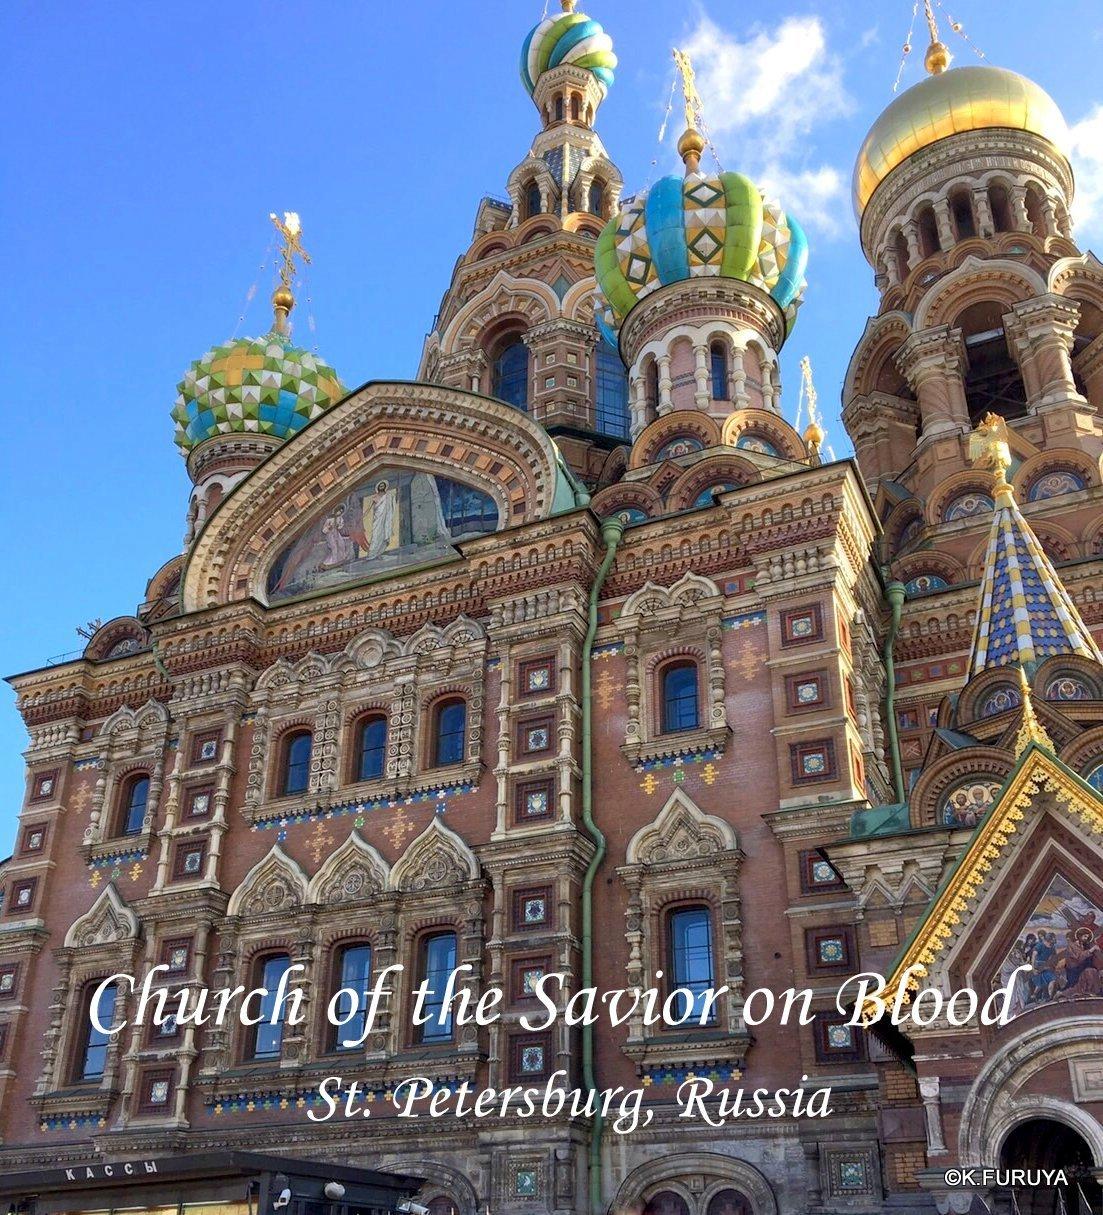 ロシアの旅 6 血の上の救世主教会_a0092659_22222343.jpg